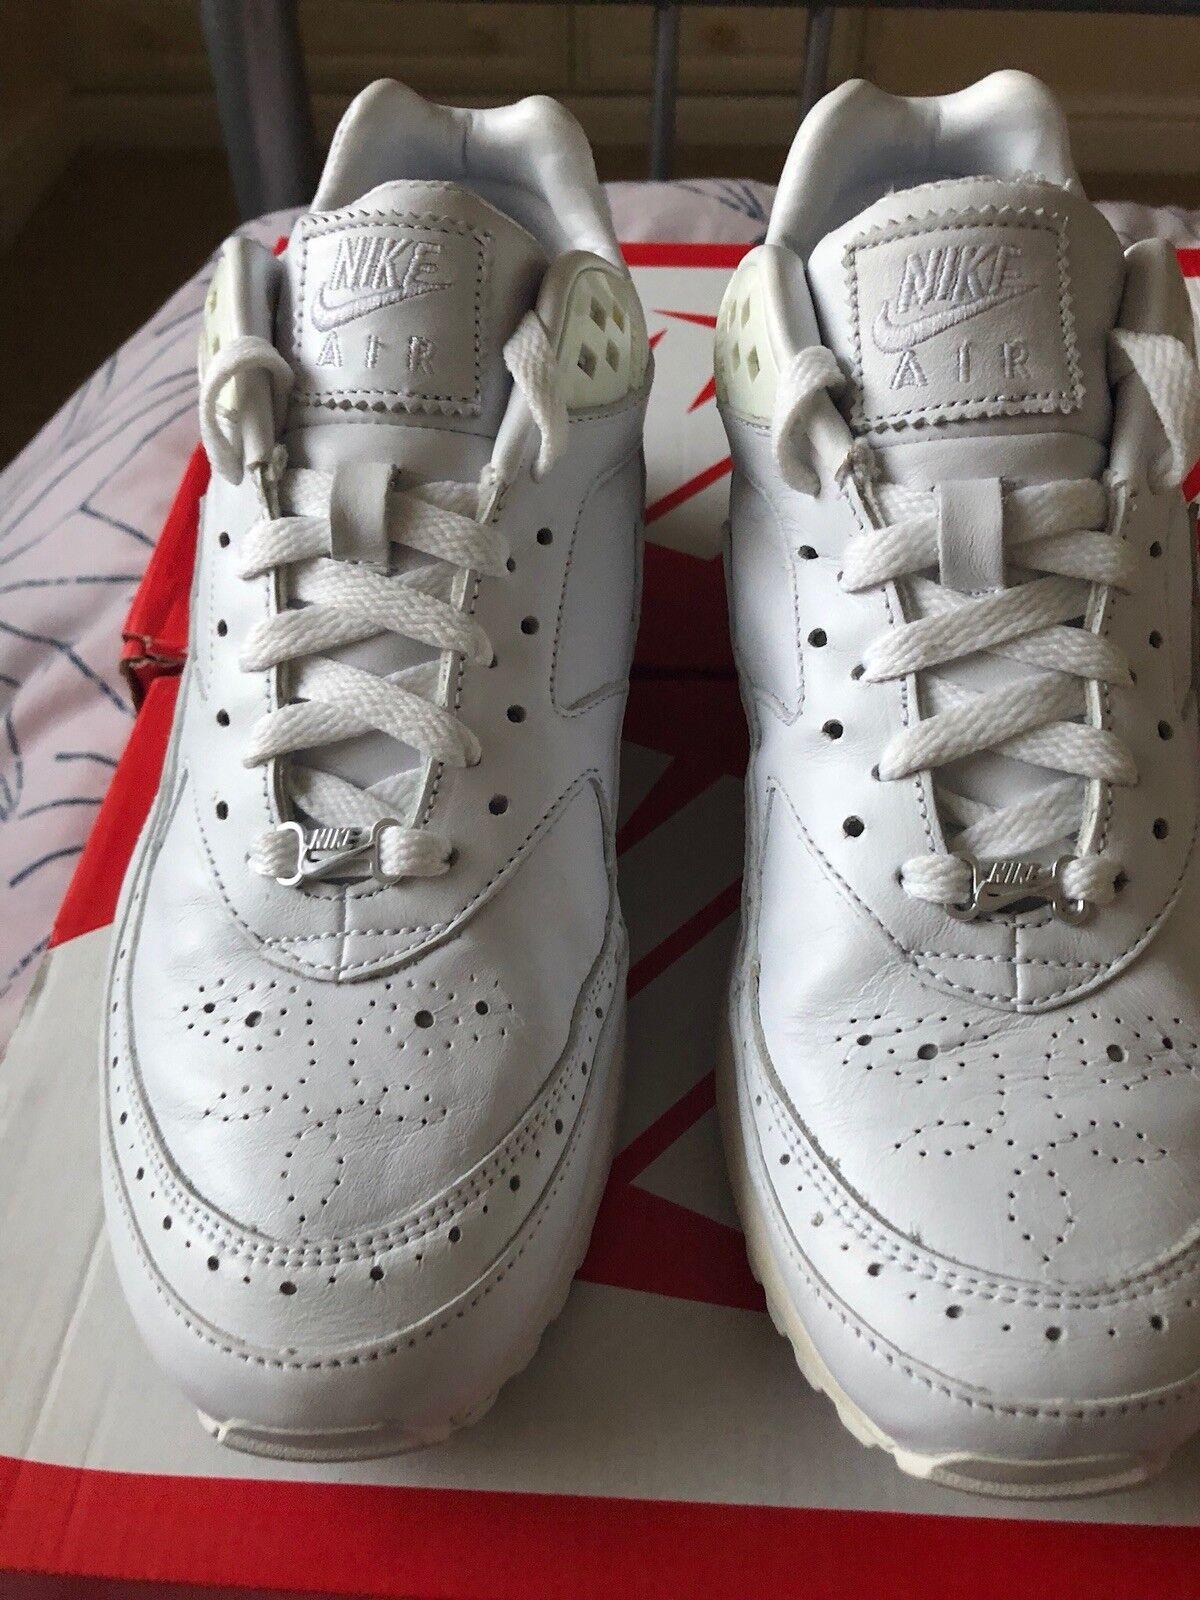 Nike max classic cuoio bianco, edizione limitata di